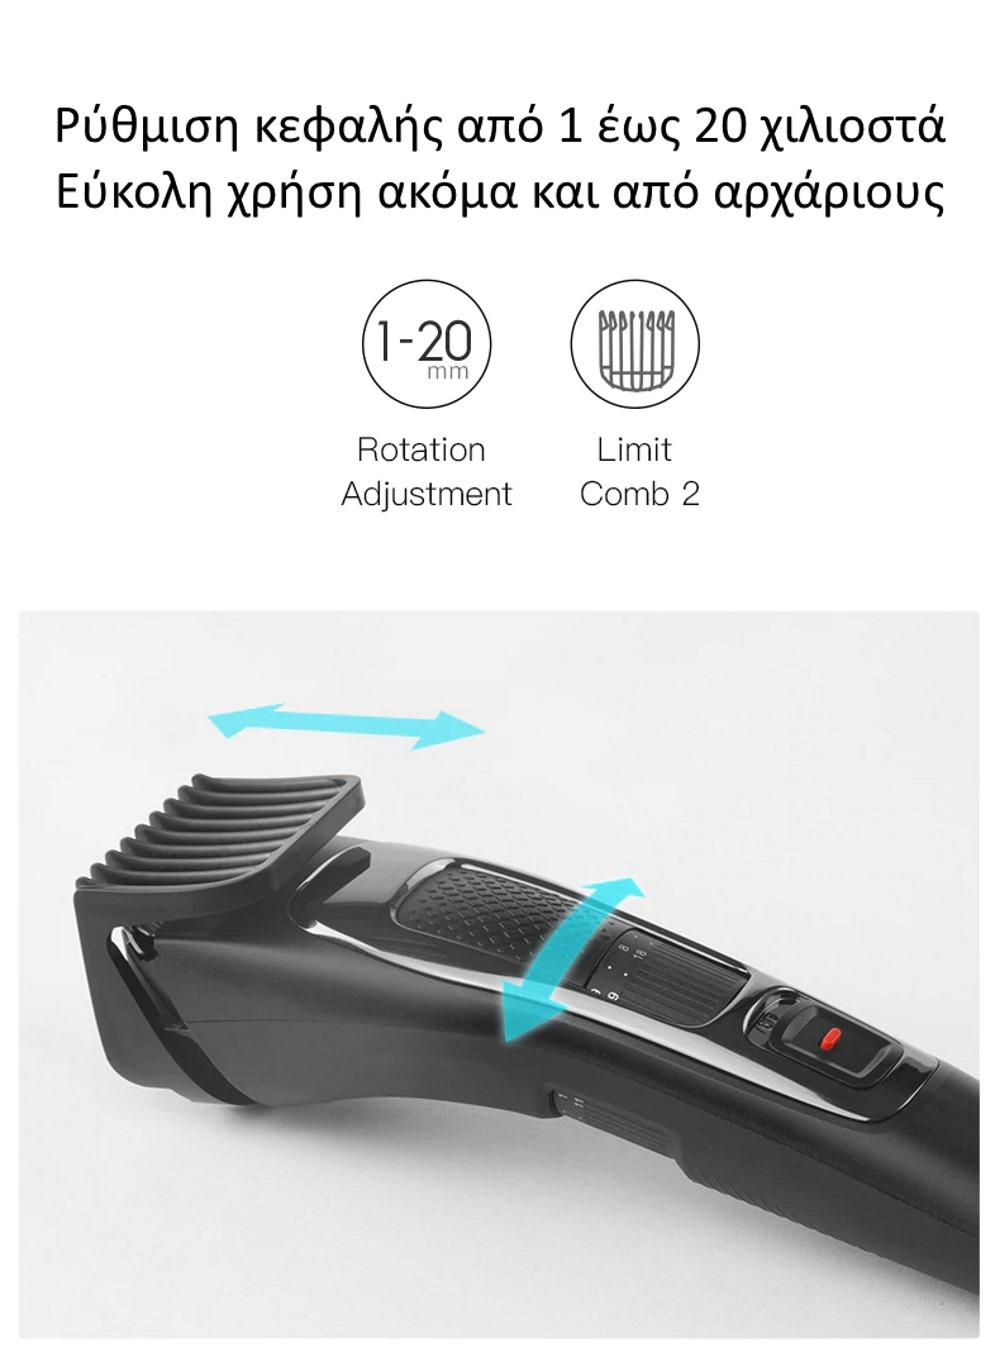 ● Μπορεί να χρησιμοποιηθεί και για ξύρισμα κεφαλής